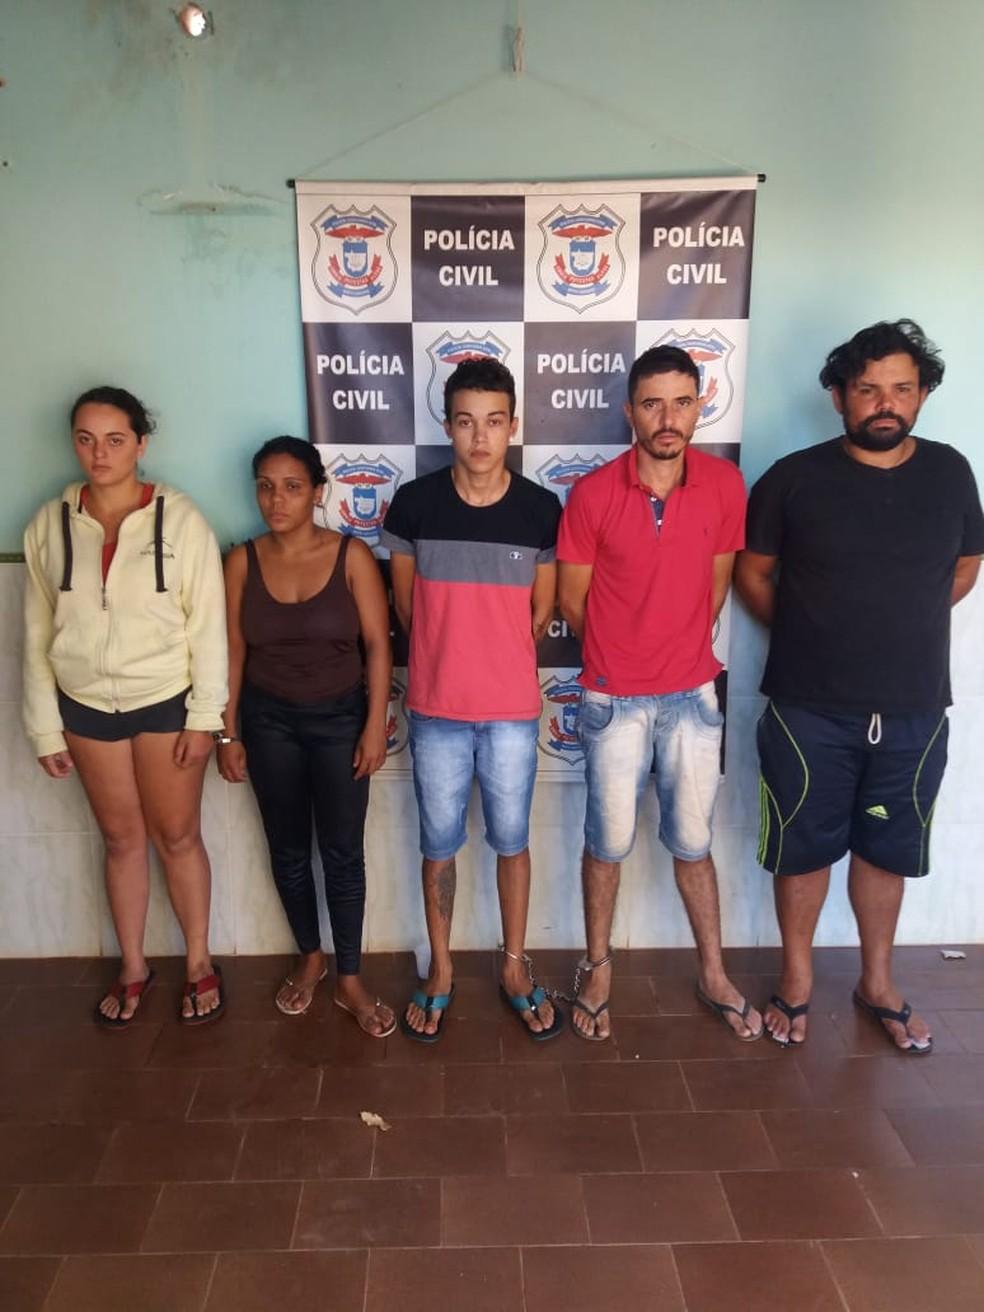 Outros cinco estão presos por envolvimento no crime, segundo a polícia (Foto: Polícia Civil/Divulgação)